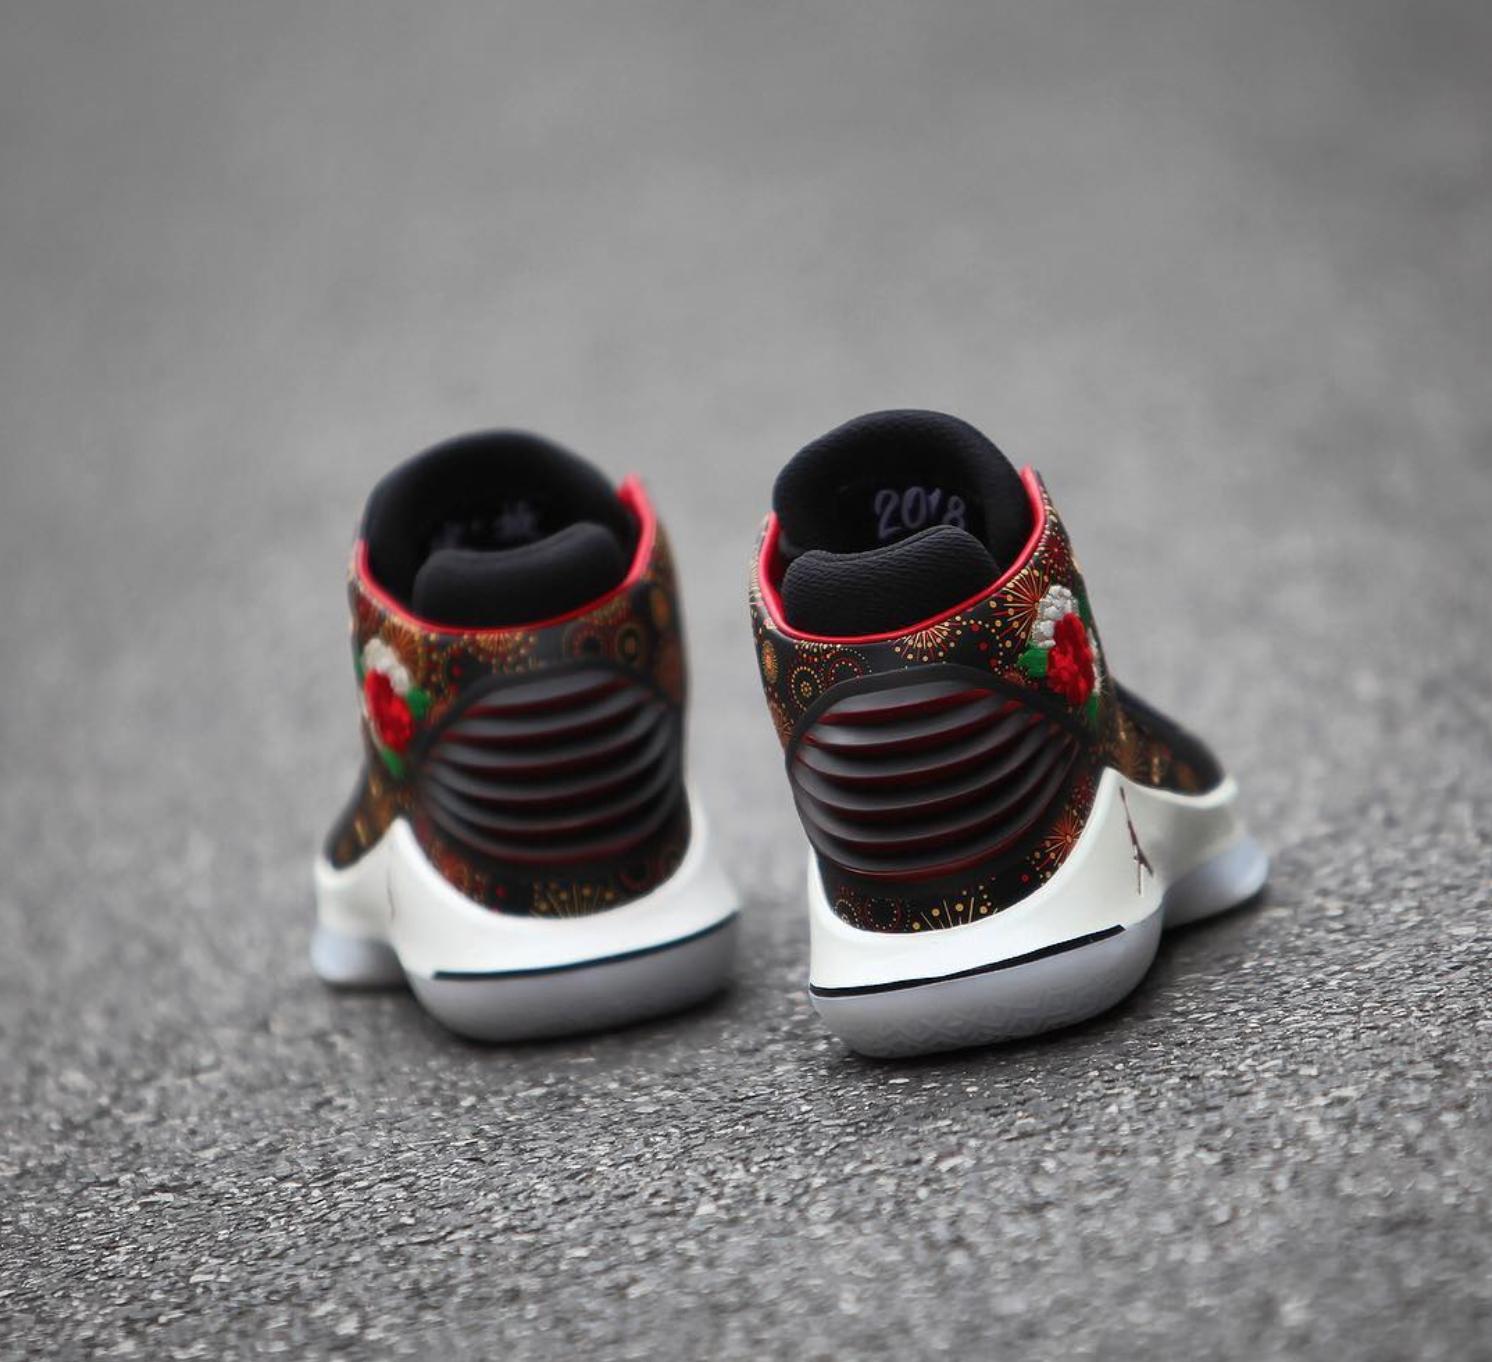 85607a2a098fe0 Pictures Of Air Jordan 8 Mens Brogue Shoes